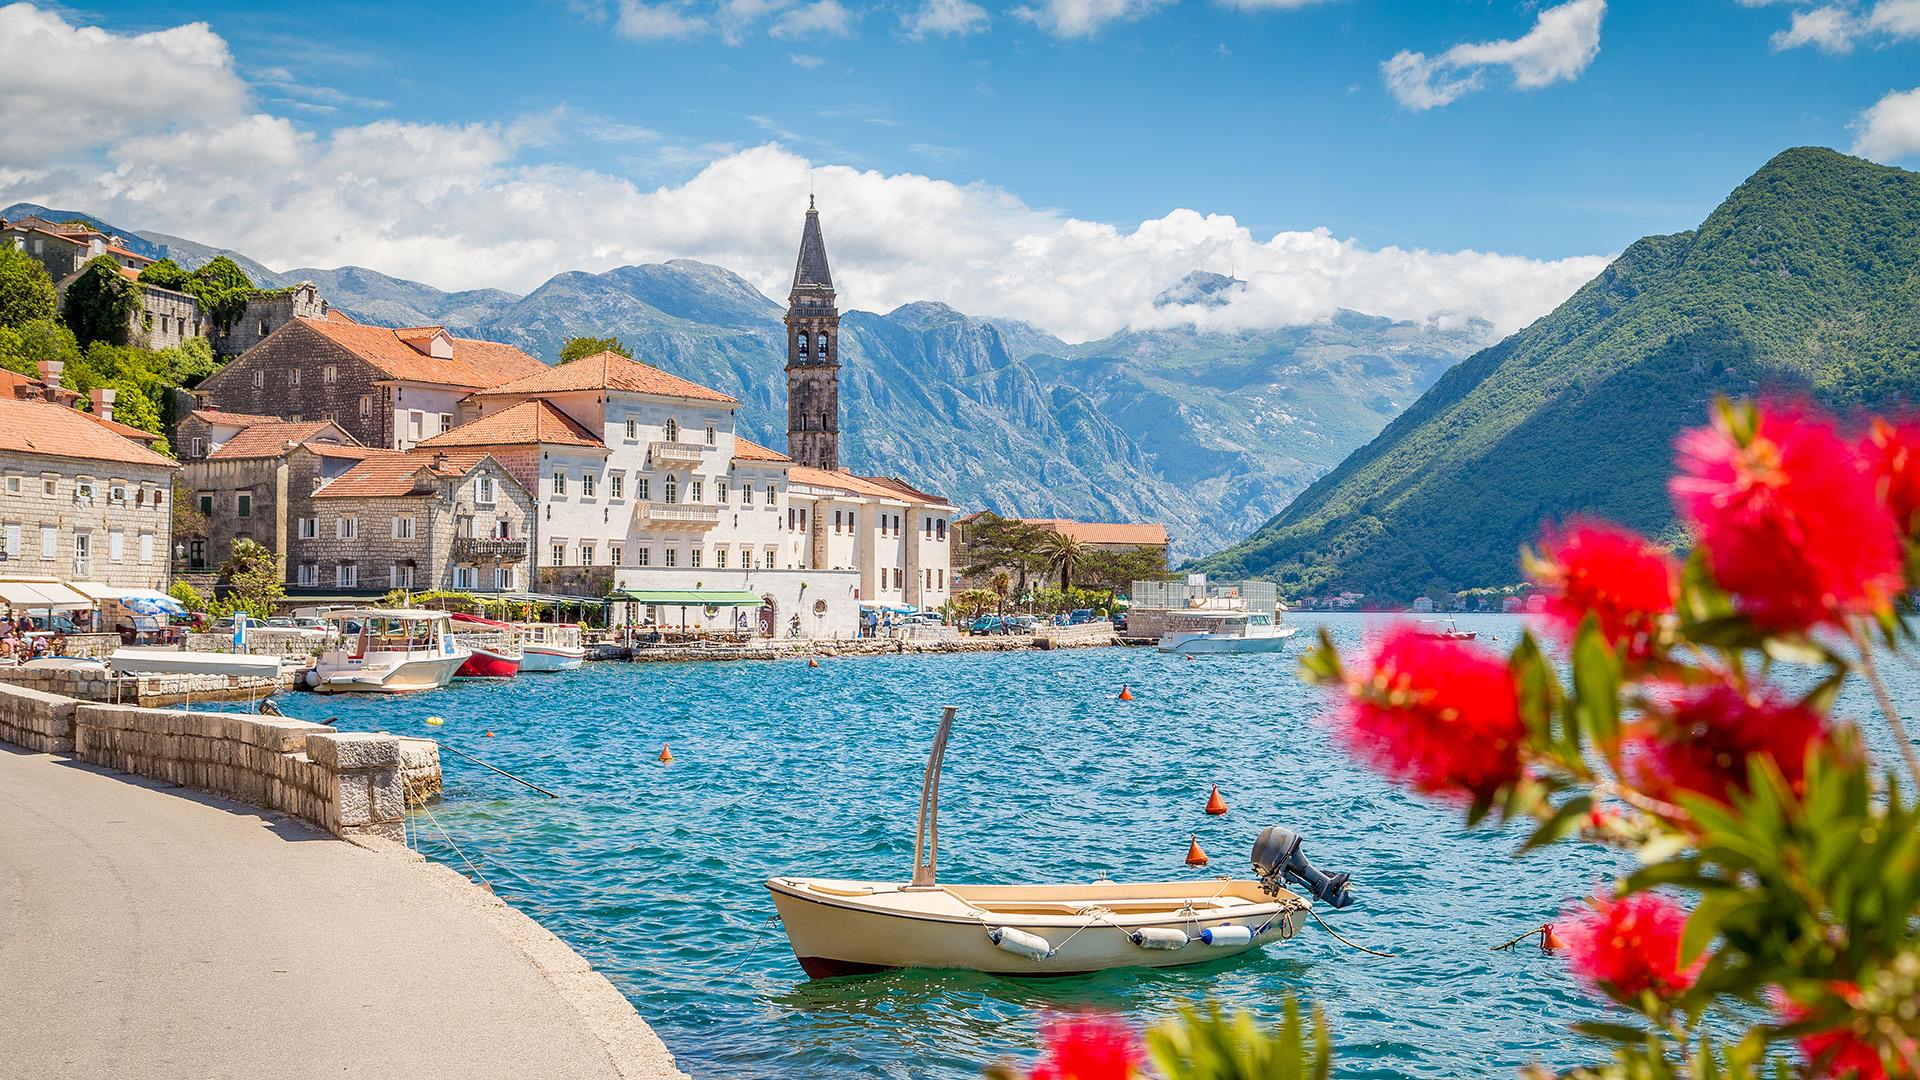 Menos conocida que sus vecinos Croacia y Grecia, la pequeña porción de la costa del Adriático de Montenegro anteriormente carecía de alojamientos de alta calidad para combinar con sus paisajes de fiordos. Sin embargo, en 2019 se inauguraron 2 de los más reconocidos hoteles de lujo